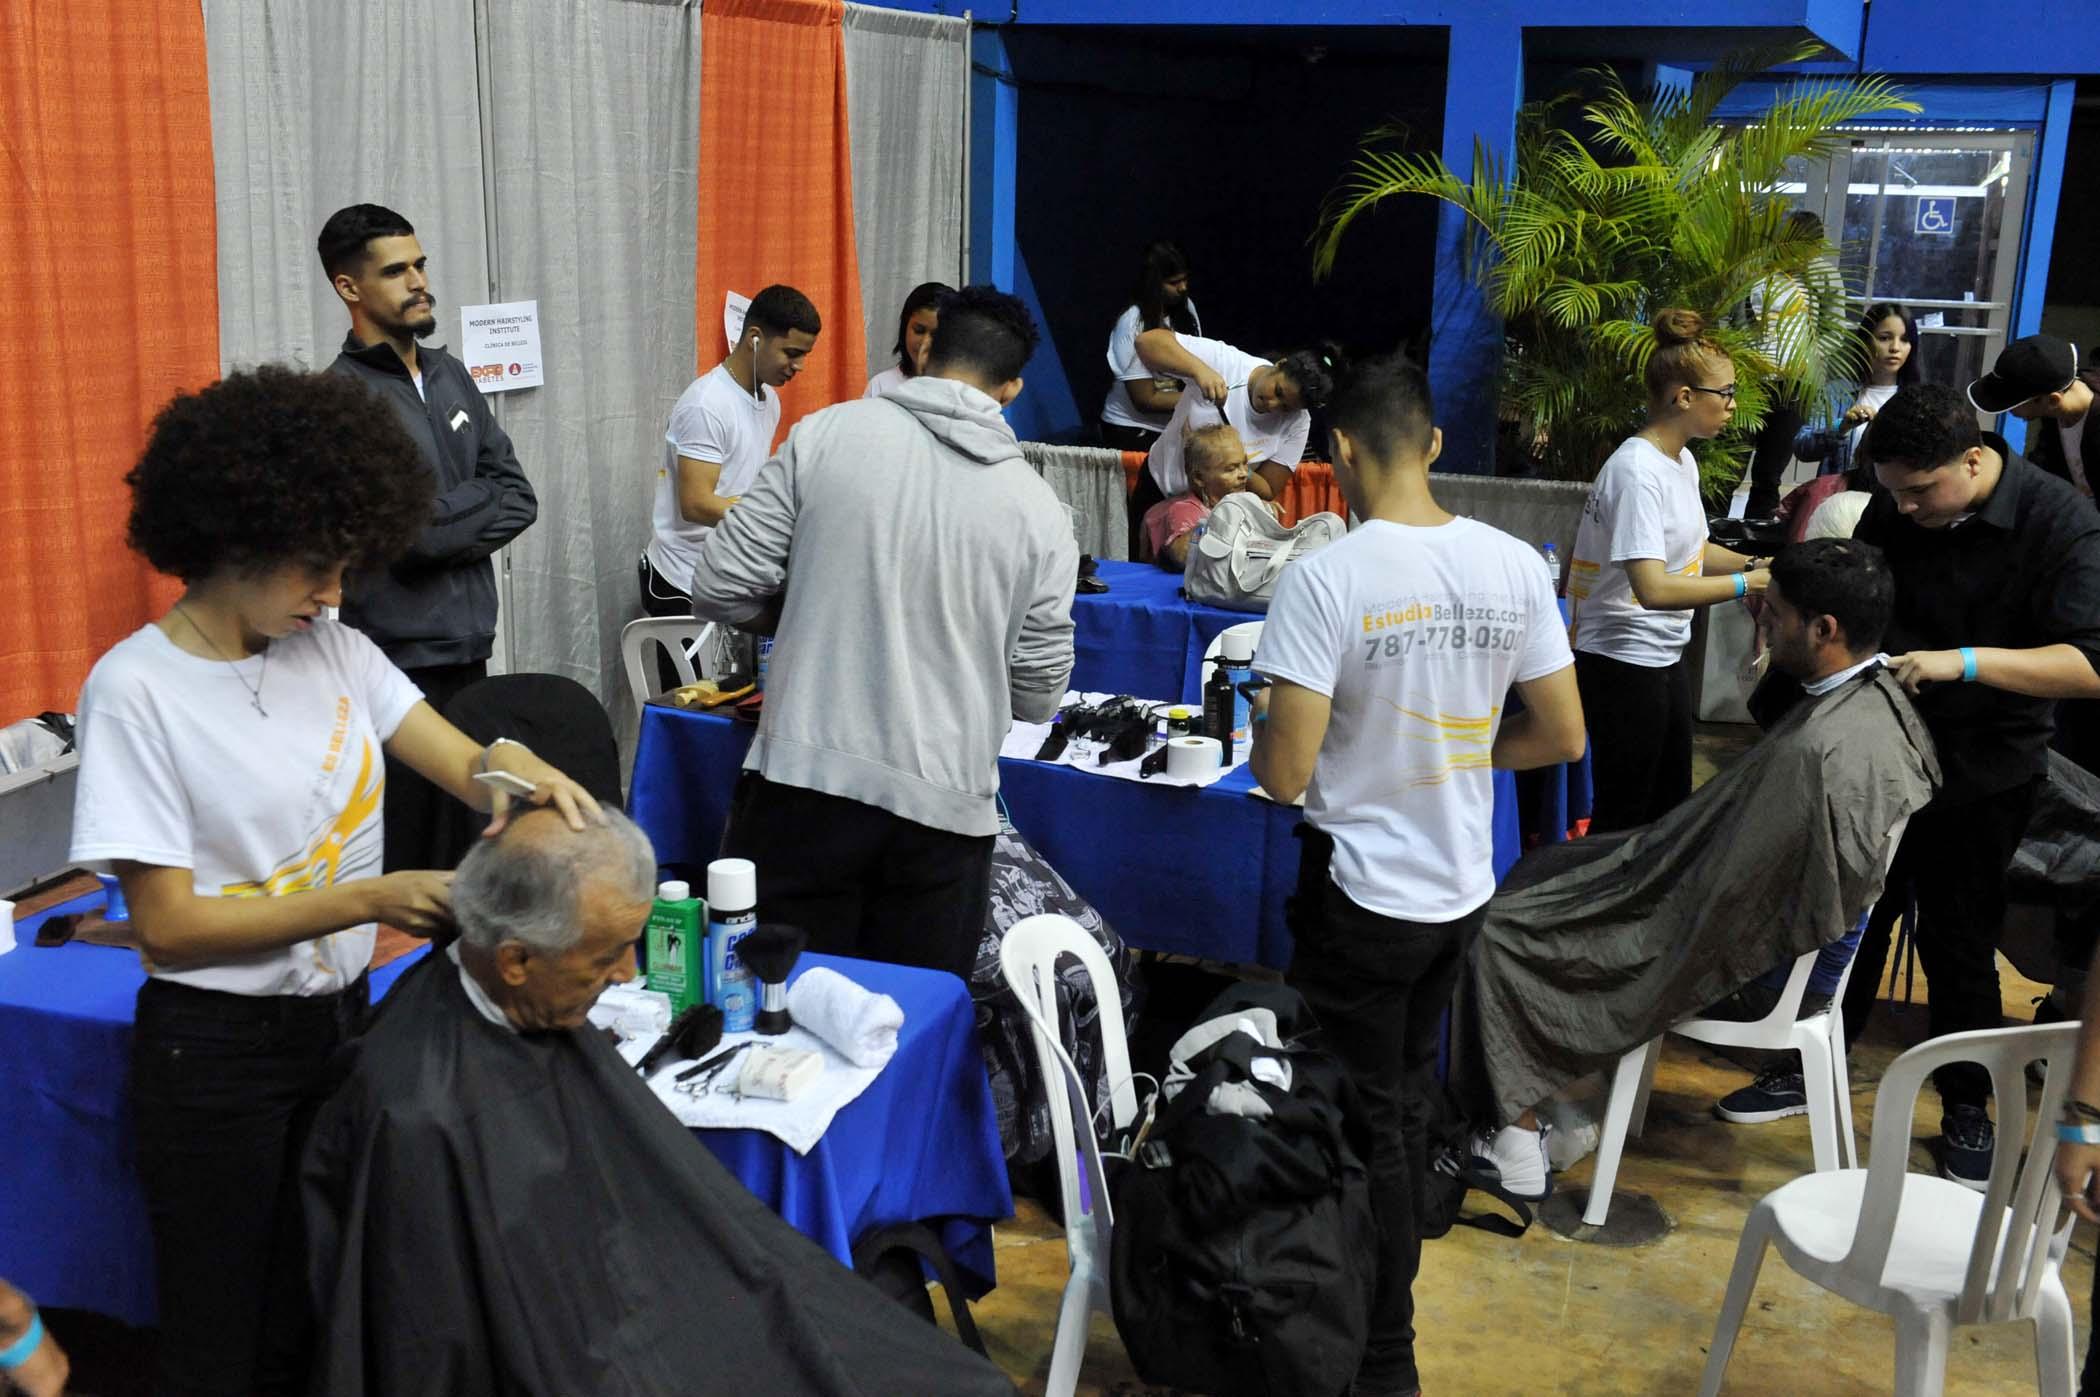 Booth de la Modern Hairstyling Institute ofreciendo recortes y peinados a visitantes de la actividad